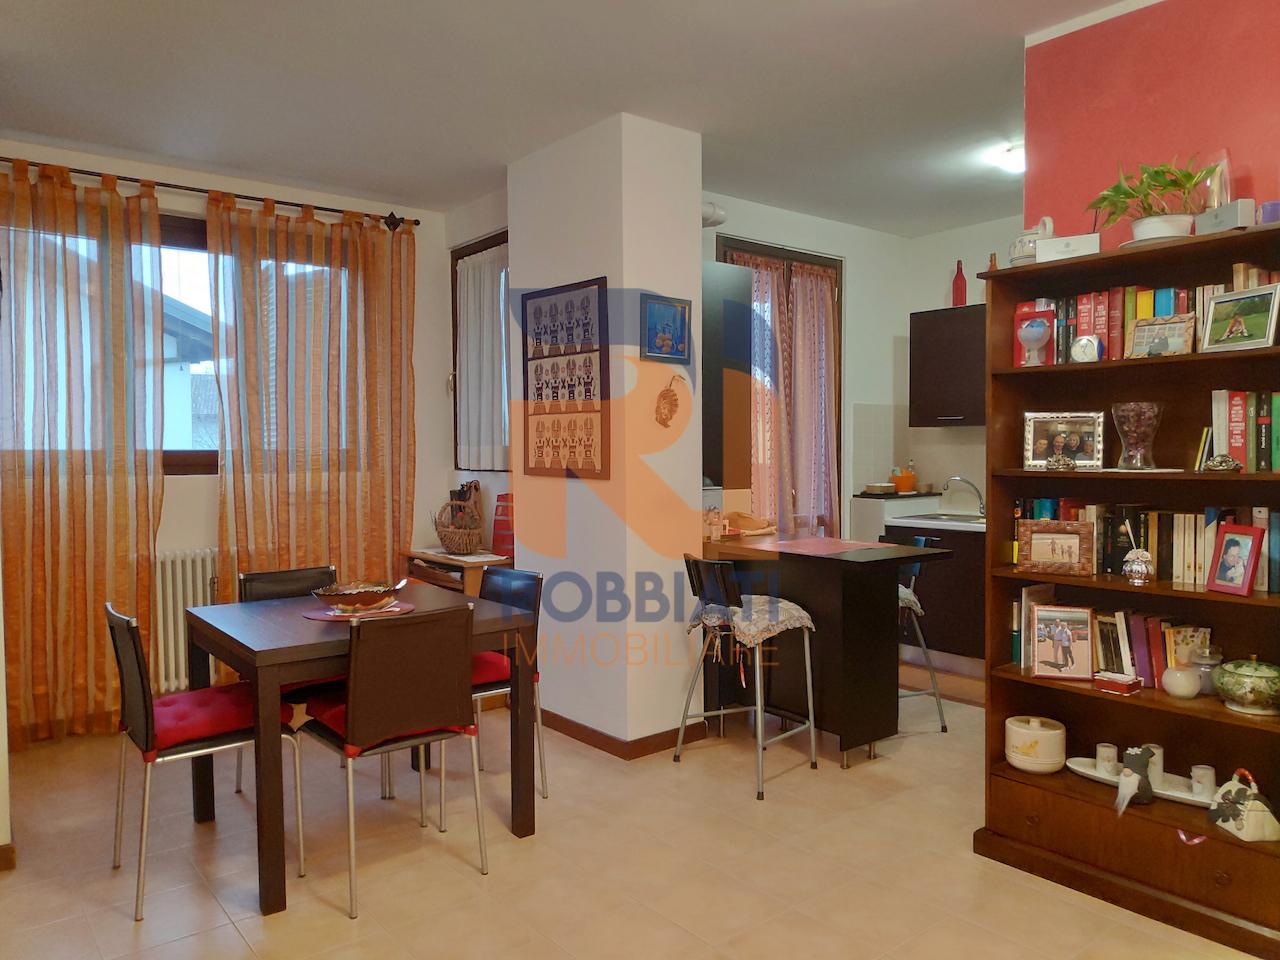 Appartamento in vendita a San Martino Siccomario, 2 locali, prezzo € 75.000 | PortaleAgenzieImmobiliari.it